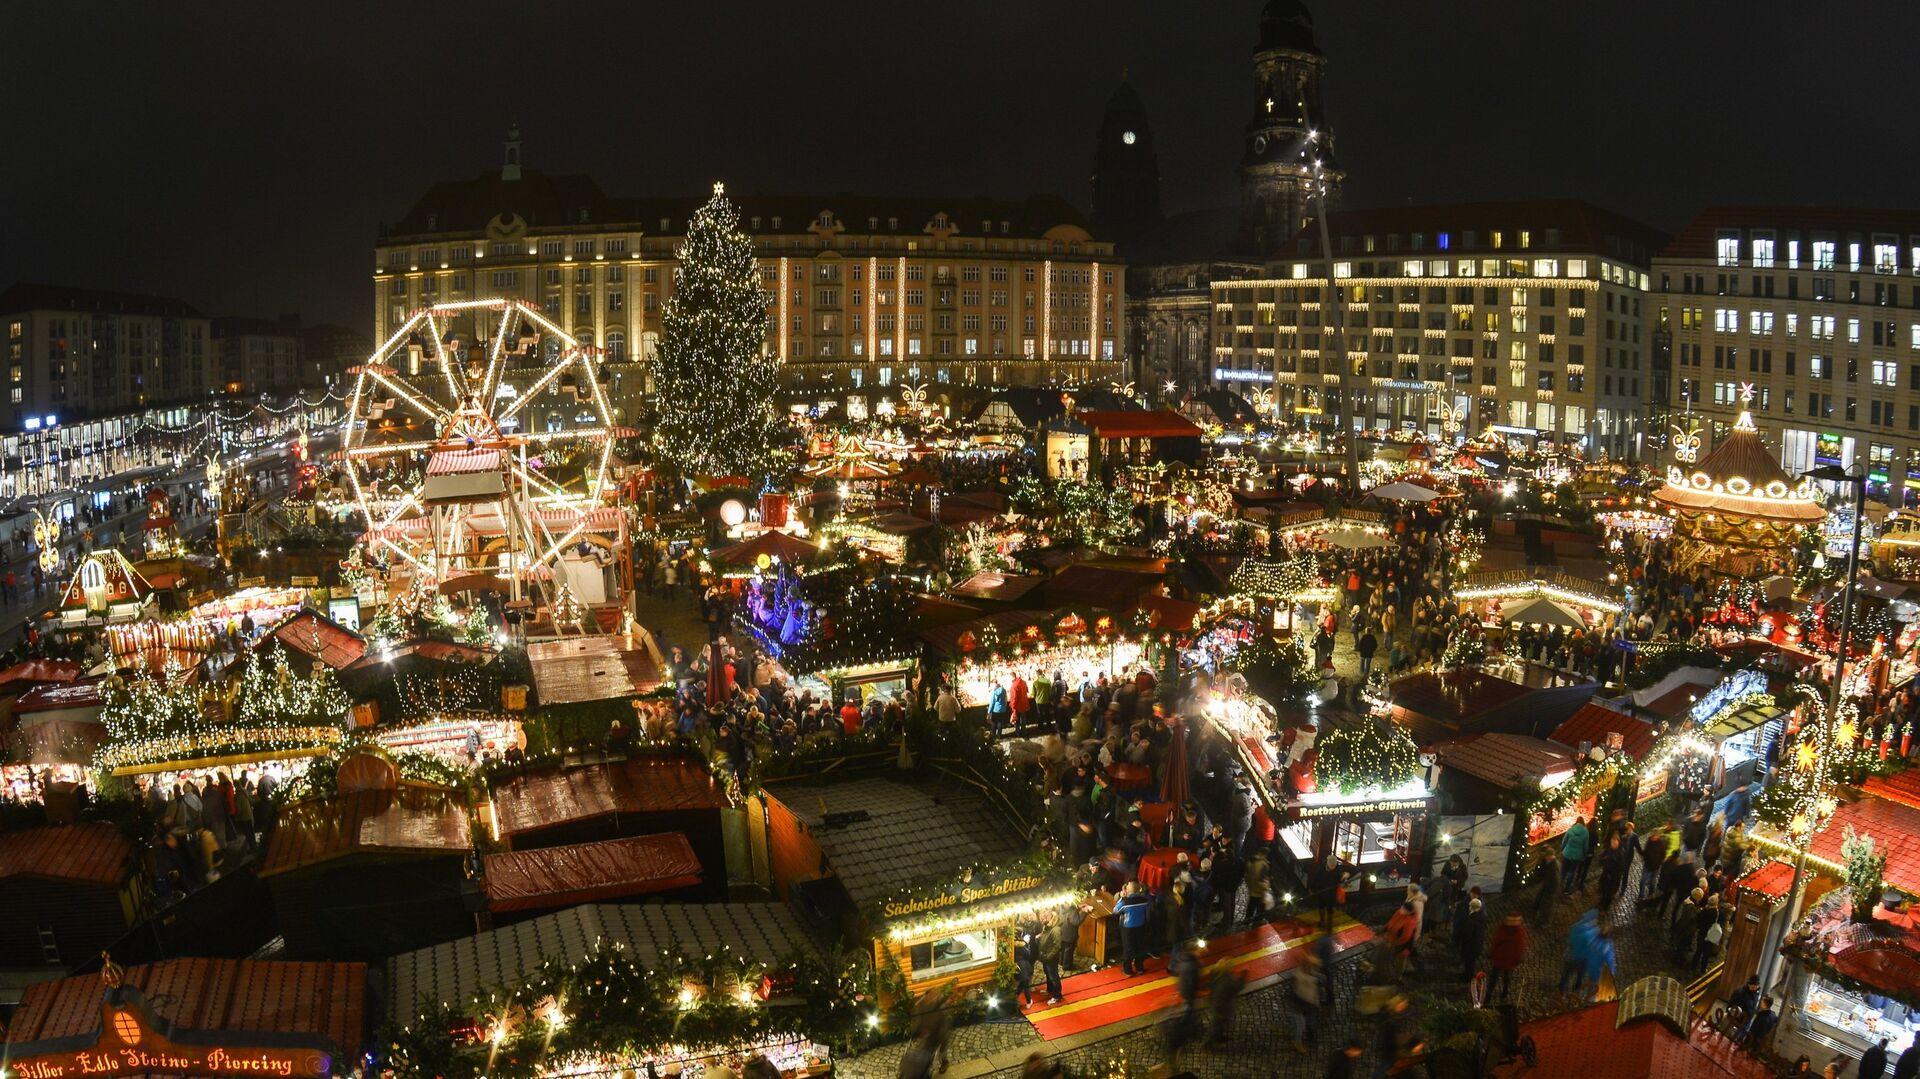 Рождественская ярмарка Штрицельмаркт в Дрездене, Германия - РИА Новости, 1920, 26.11.2020